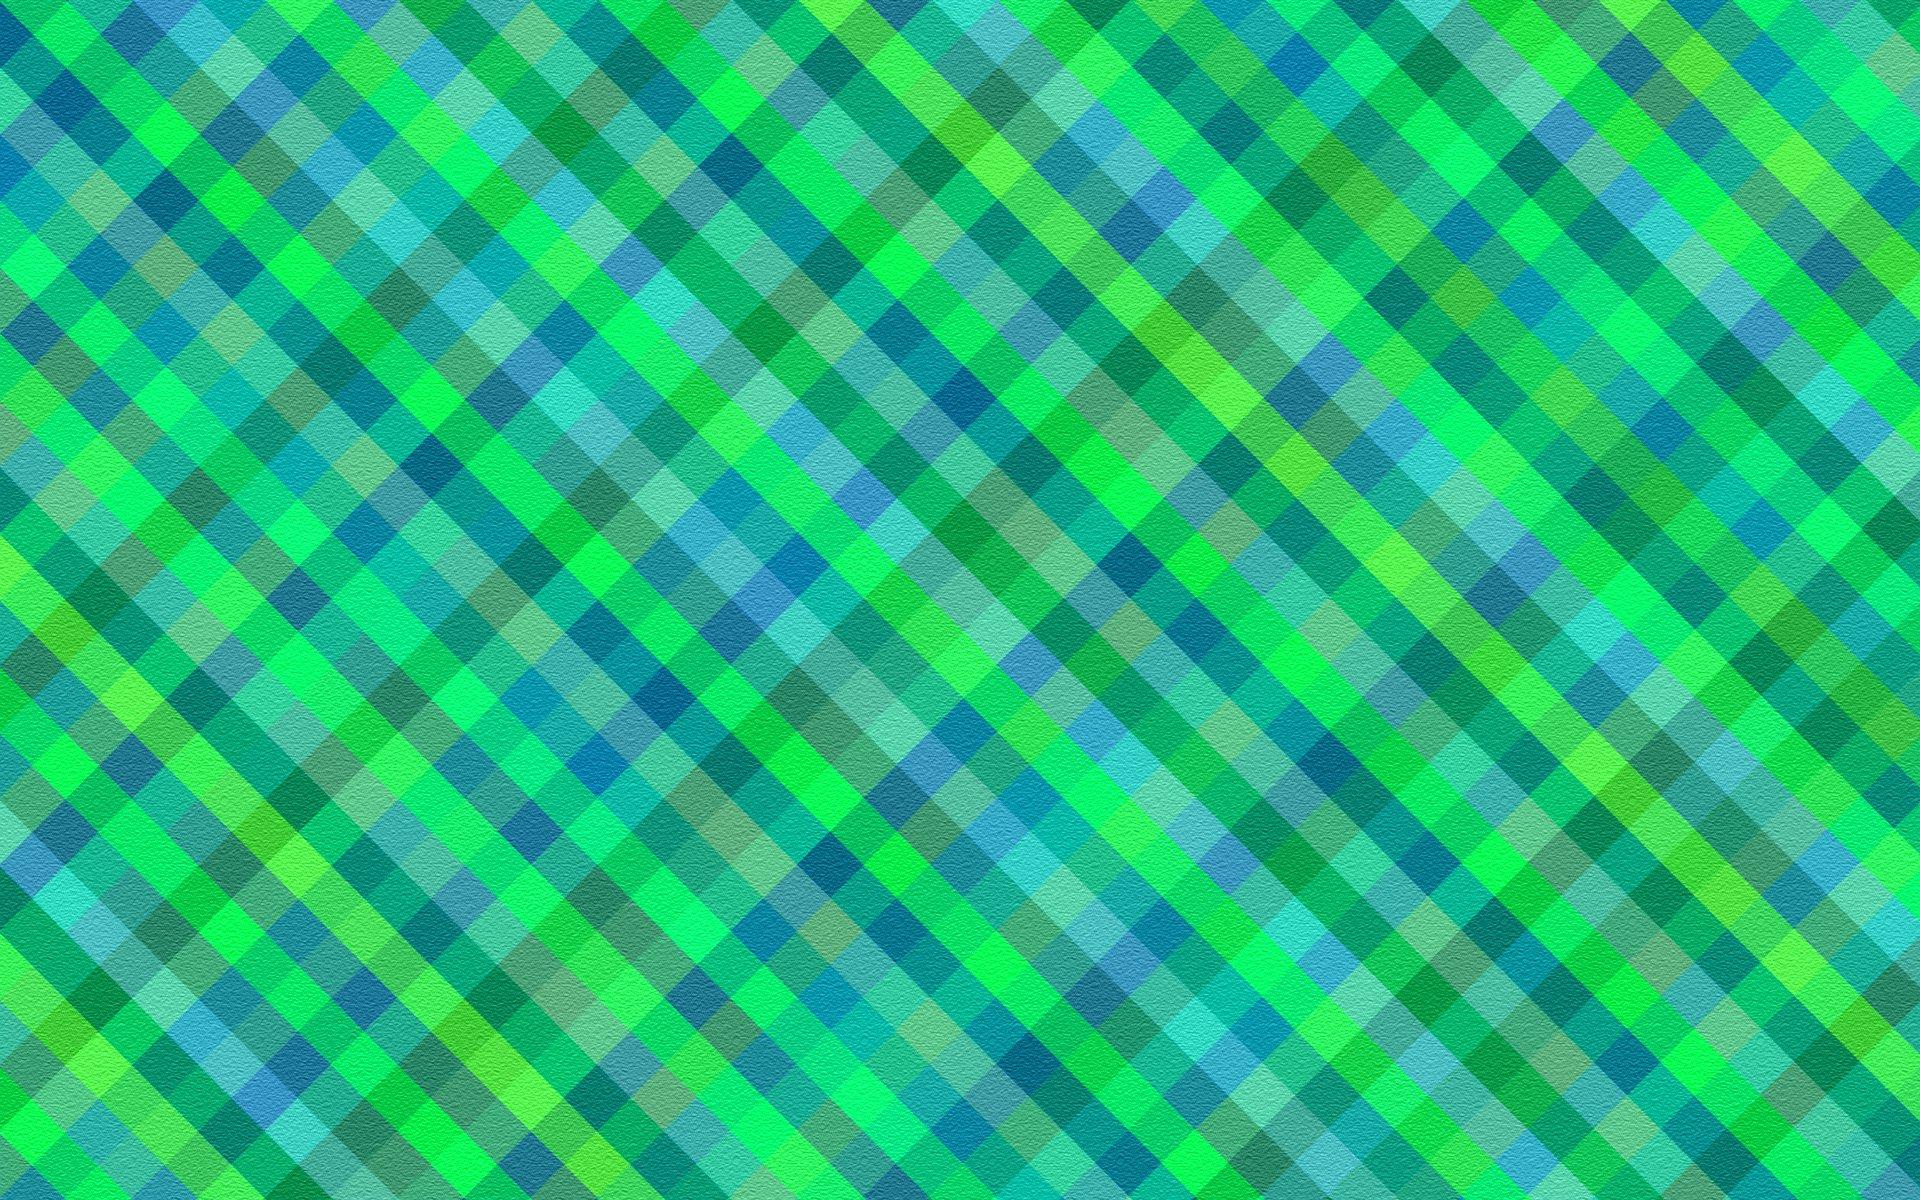 Fondo De Pantalla Abstracto Barras De Colores: Fondos De Pantalla Patrones Abstractos De Color 1920x1200